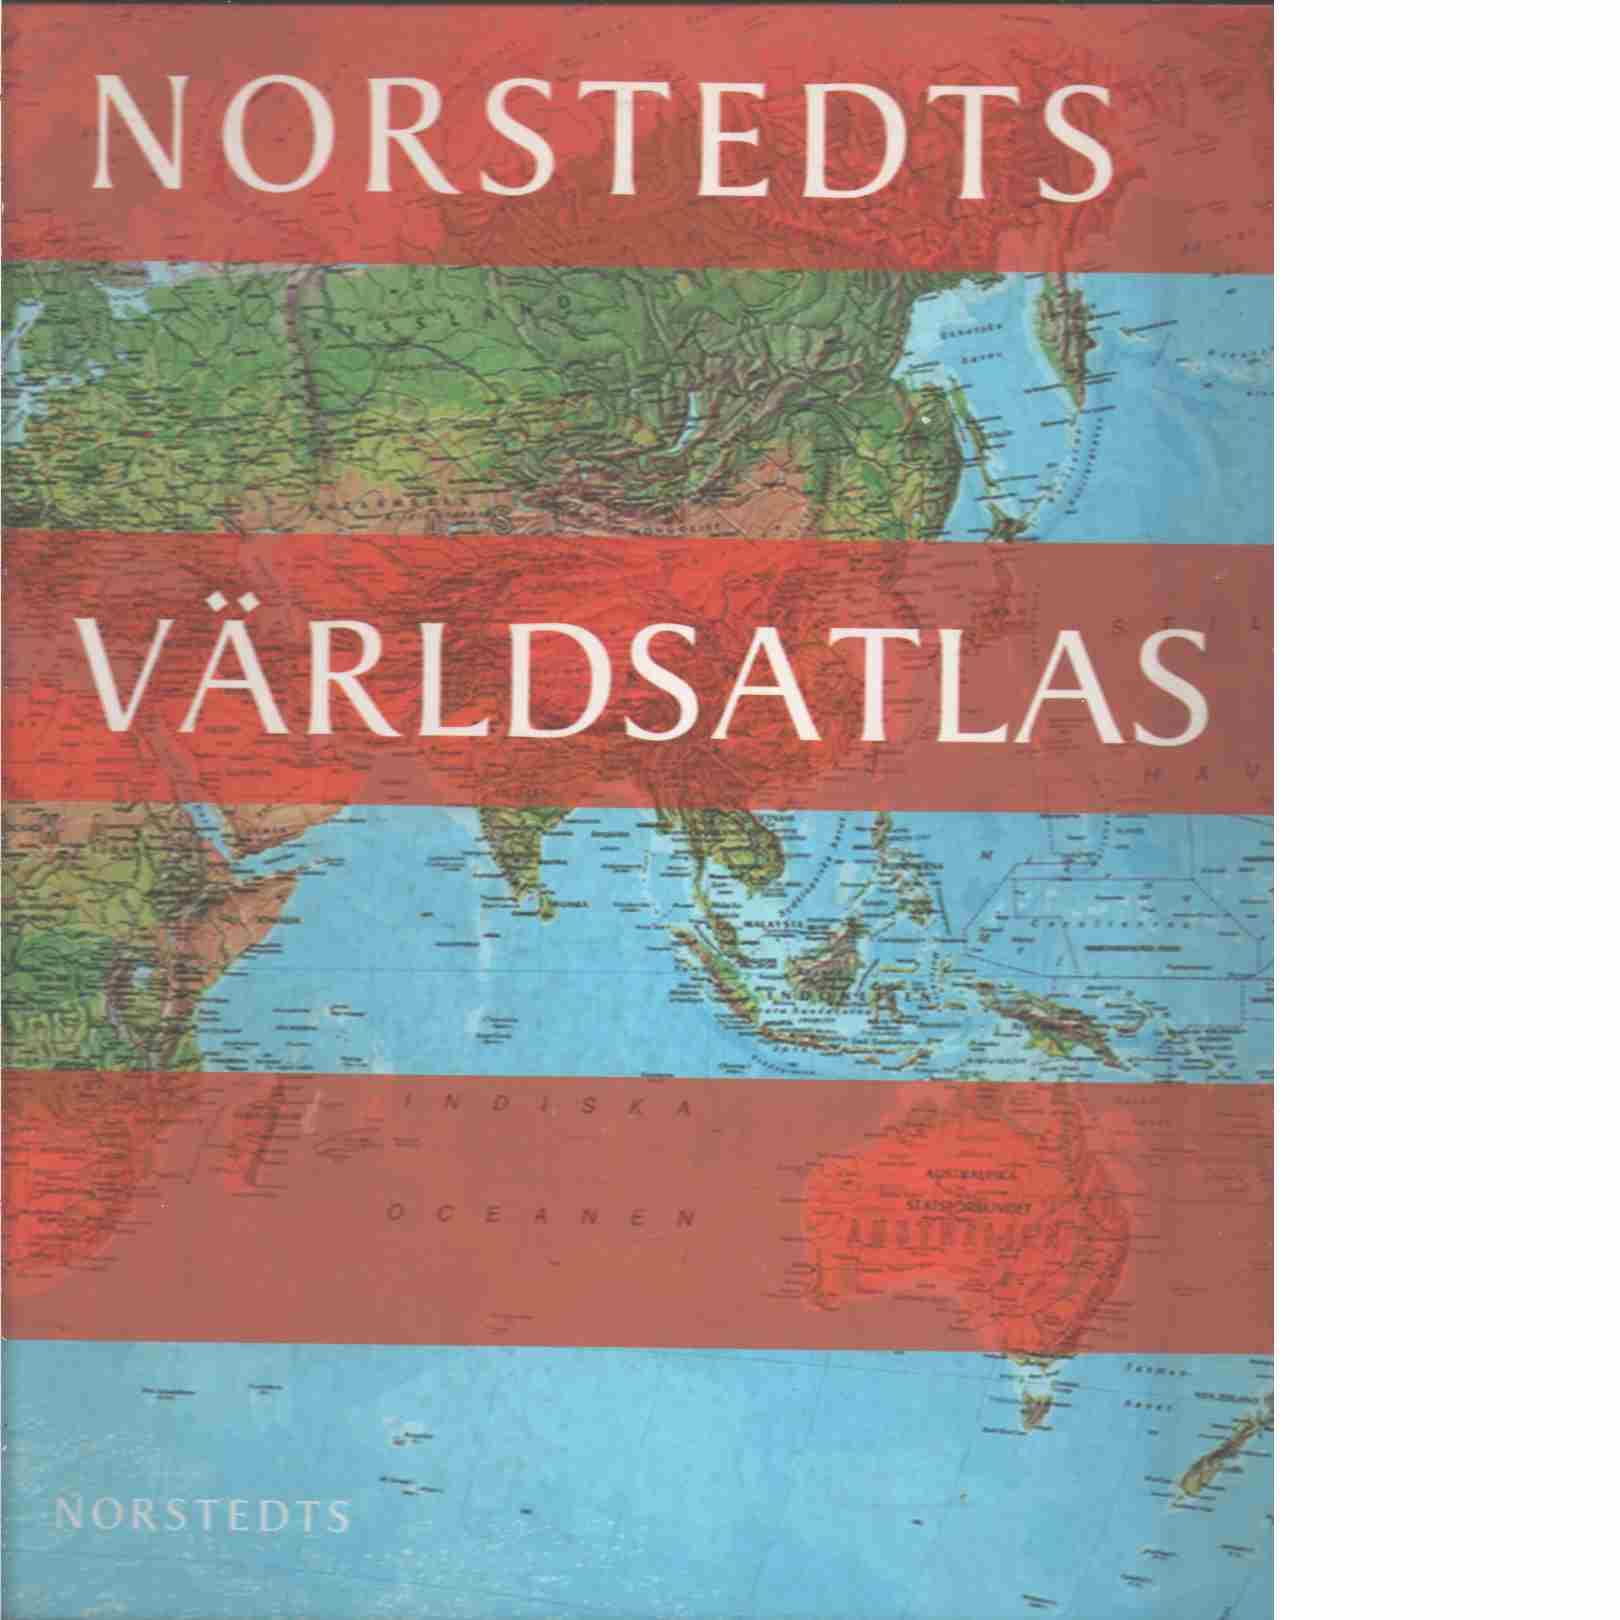 Norstedts världsatlas [Kartografiskt material] - Red.